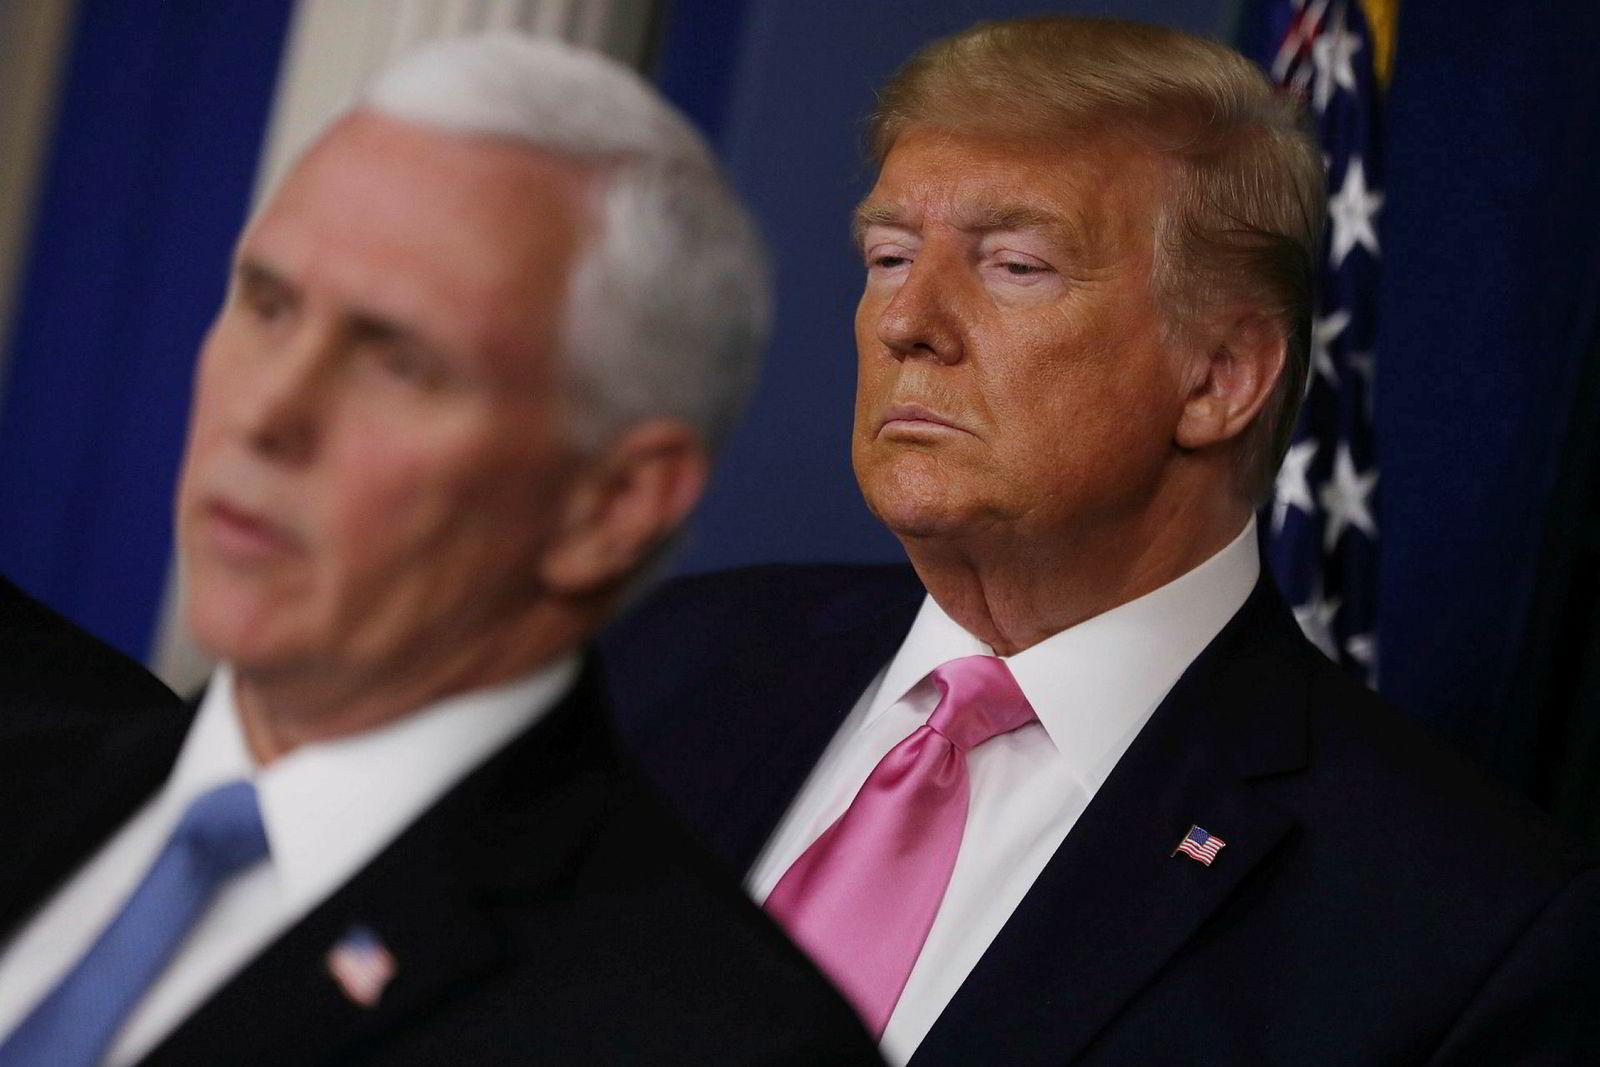 President Donald Trump på en pressekonferanse torsdag der han utnevnte visepresident Mike Pence til å lede arbeidet med koronaviruset.